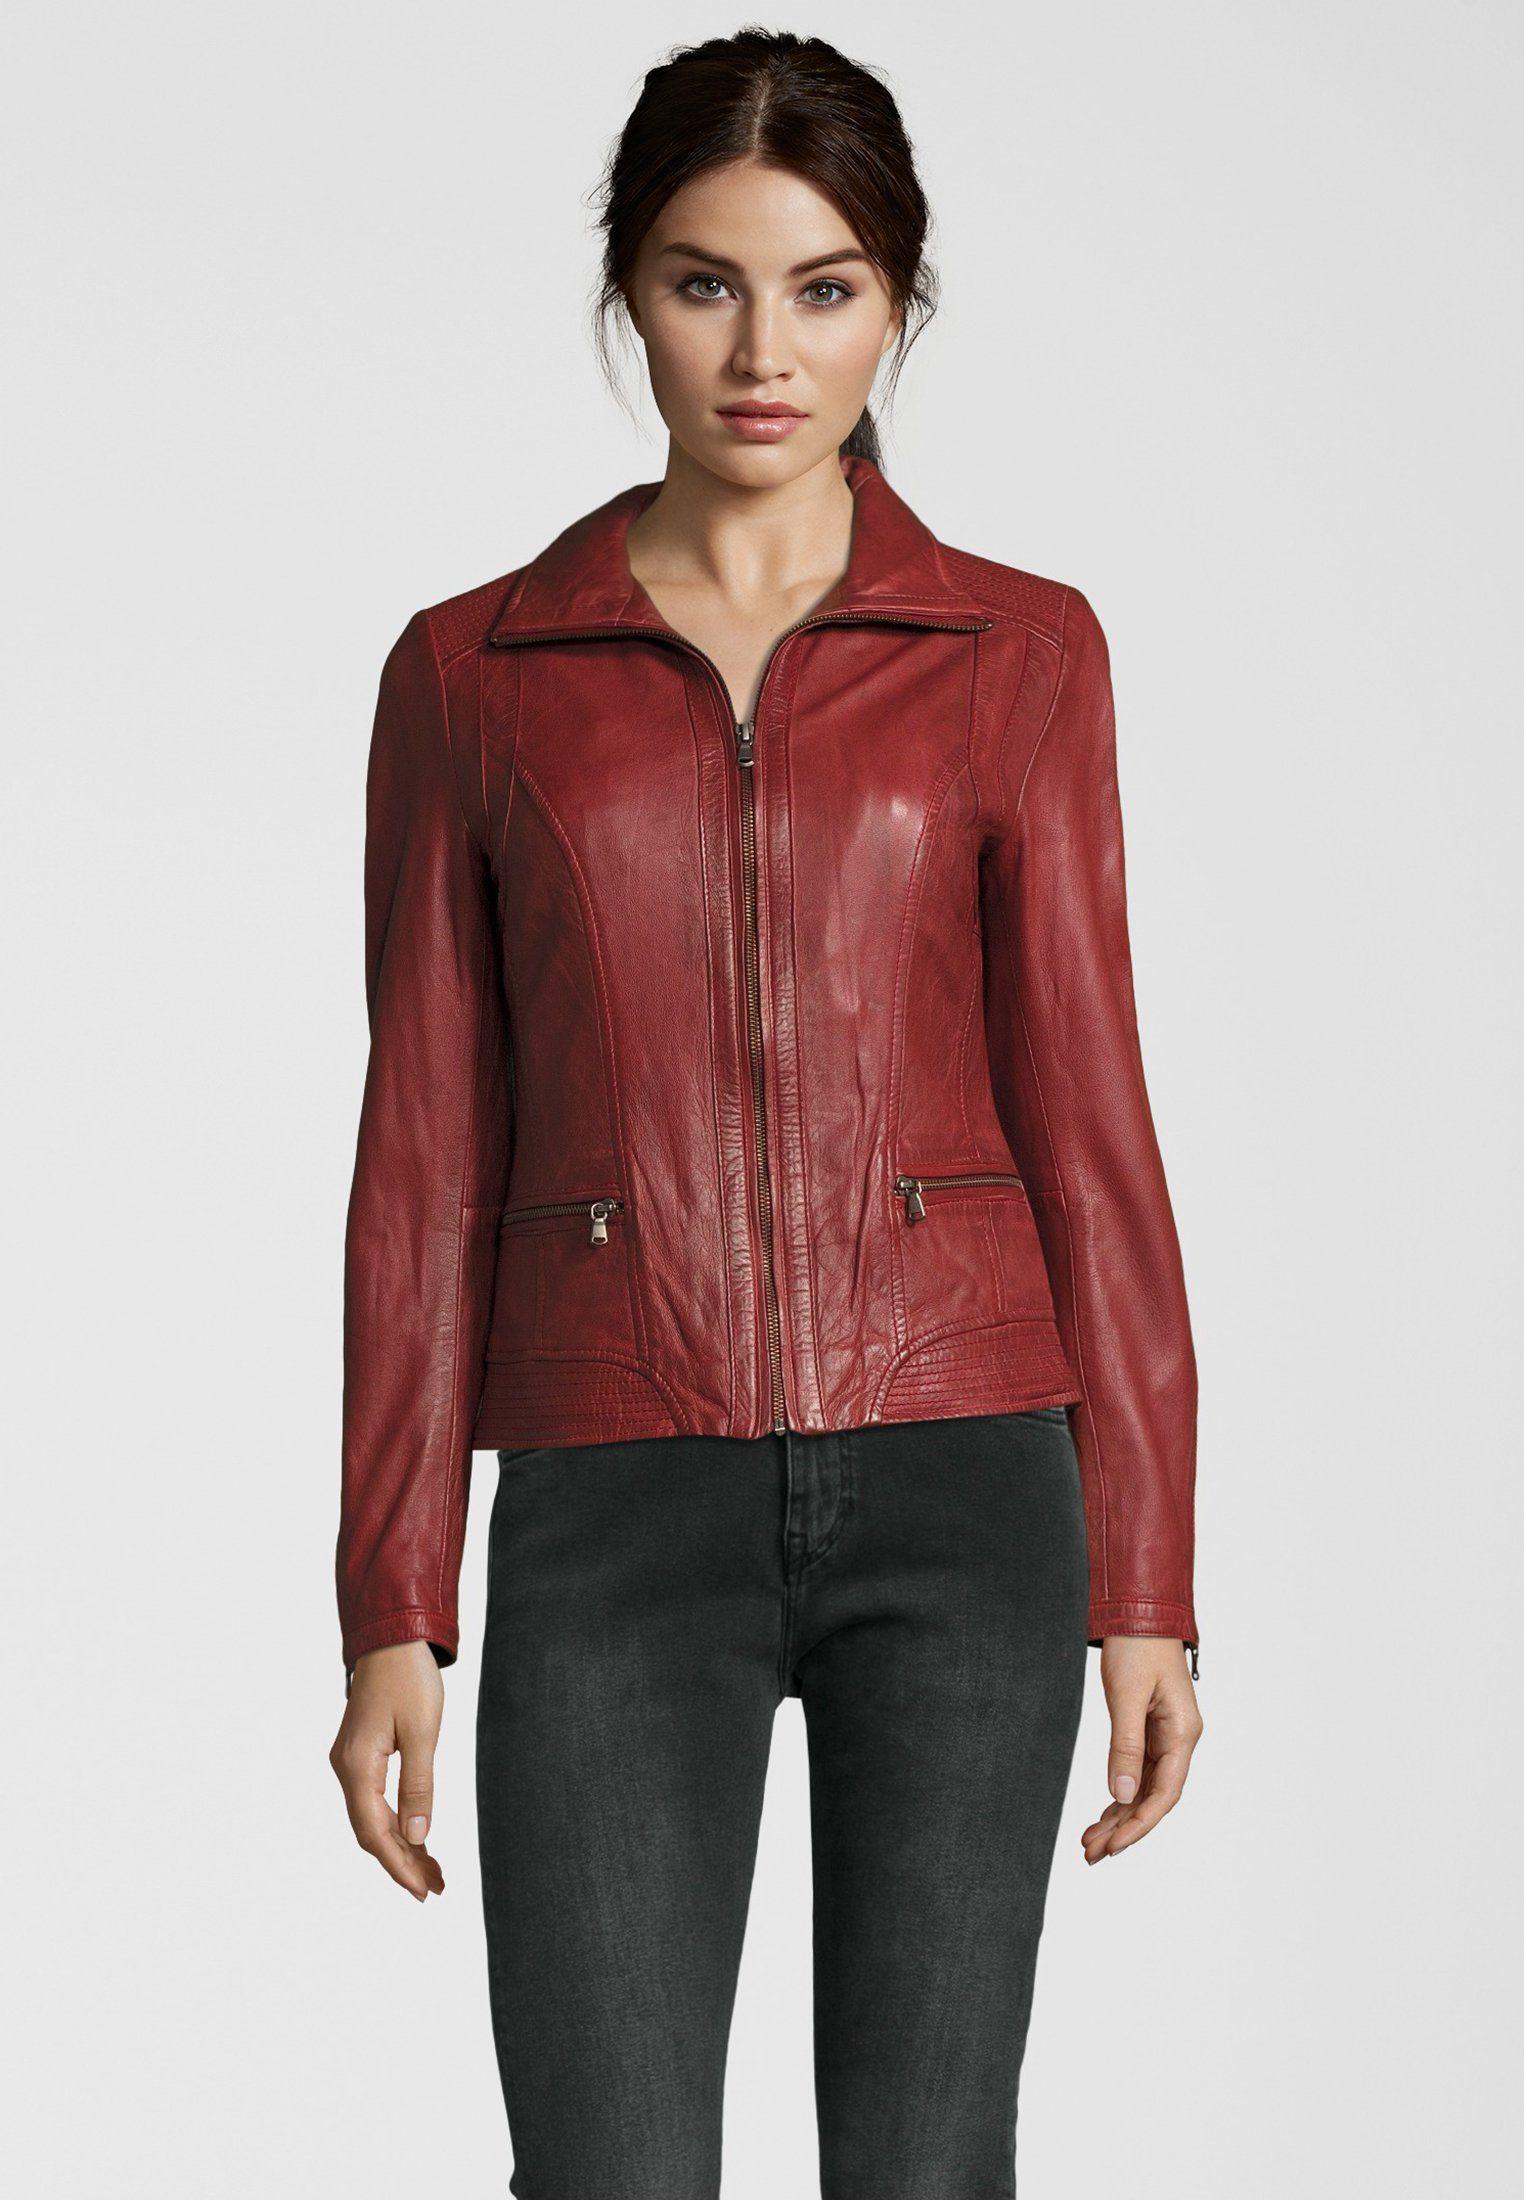 7eleven Lederjacke in modischem Look, Trendige Lederjacke der Marke 7eleven für Damen online kaufen | OTTO